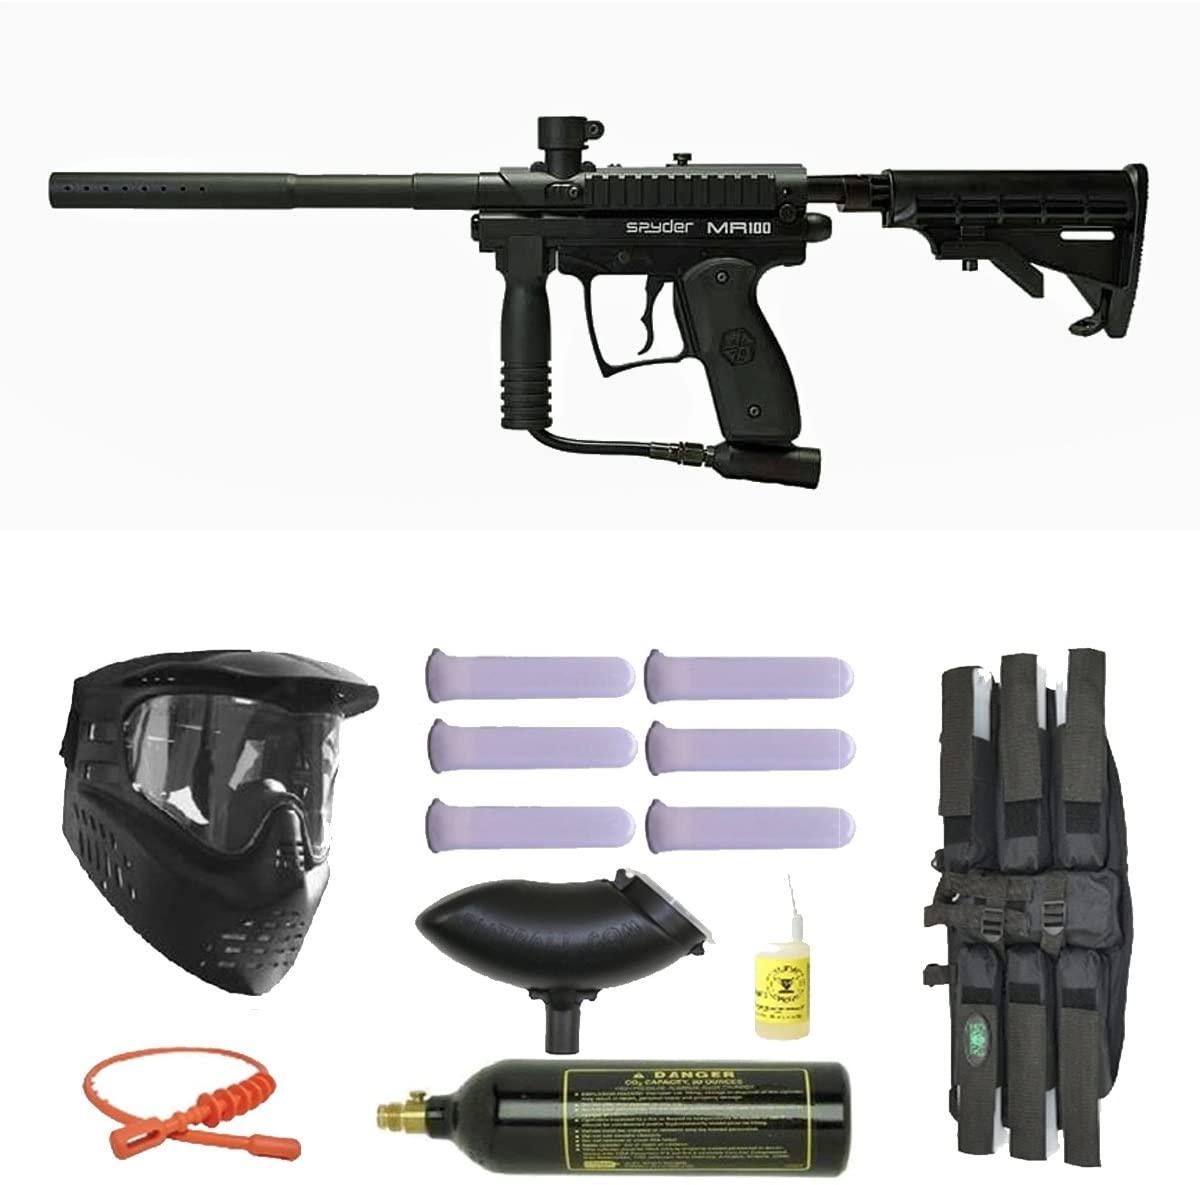 Spyder MR100 Pro Paintball Gun Review 2021